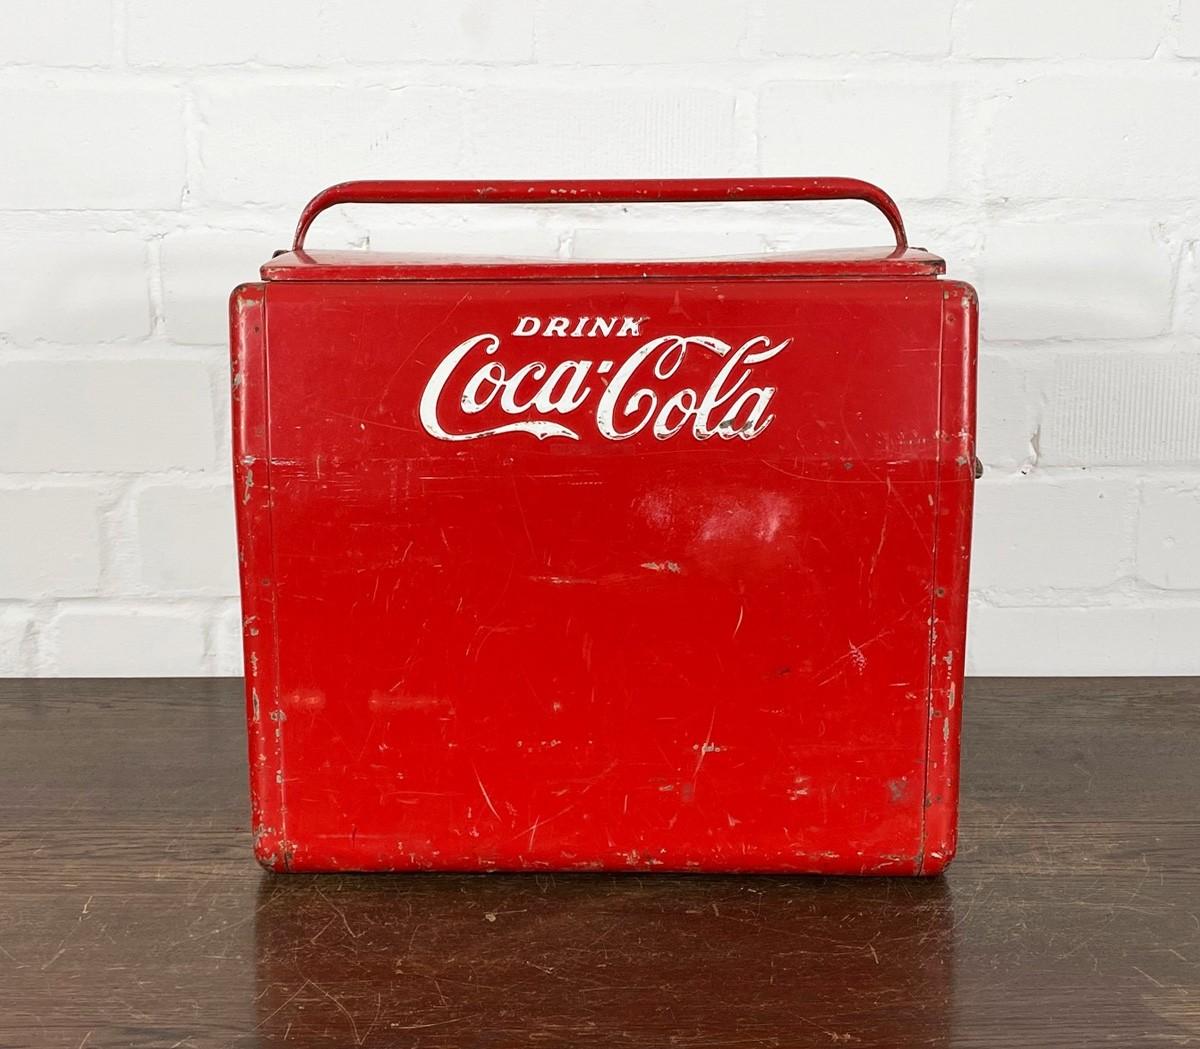 Original USA Kühlbox - Coca Cola Picnic Cooler